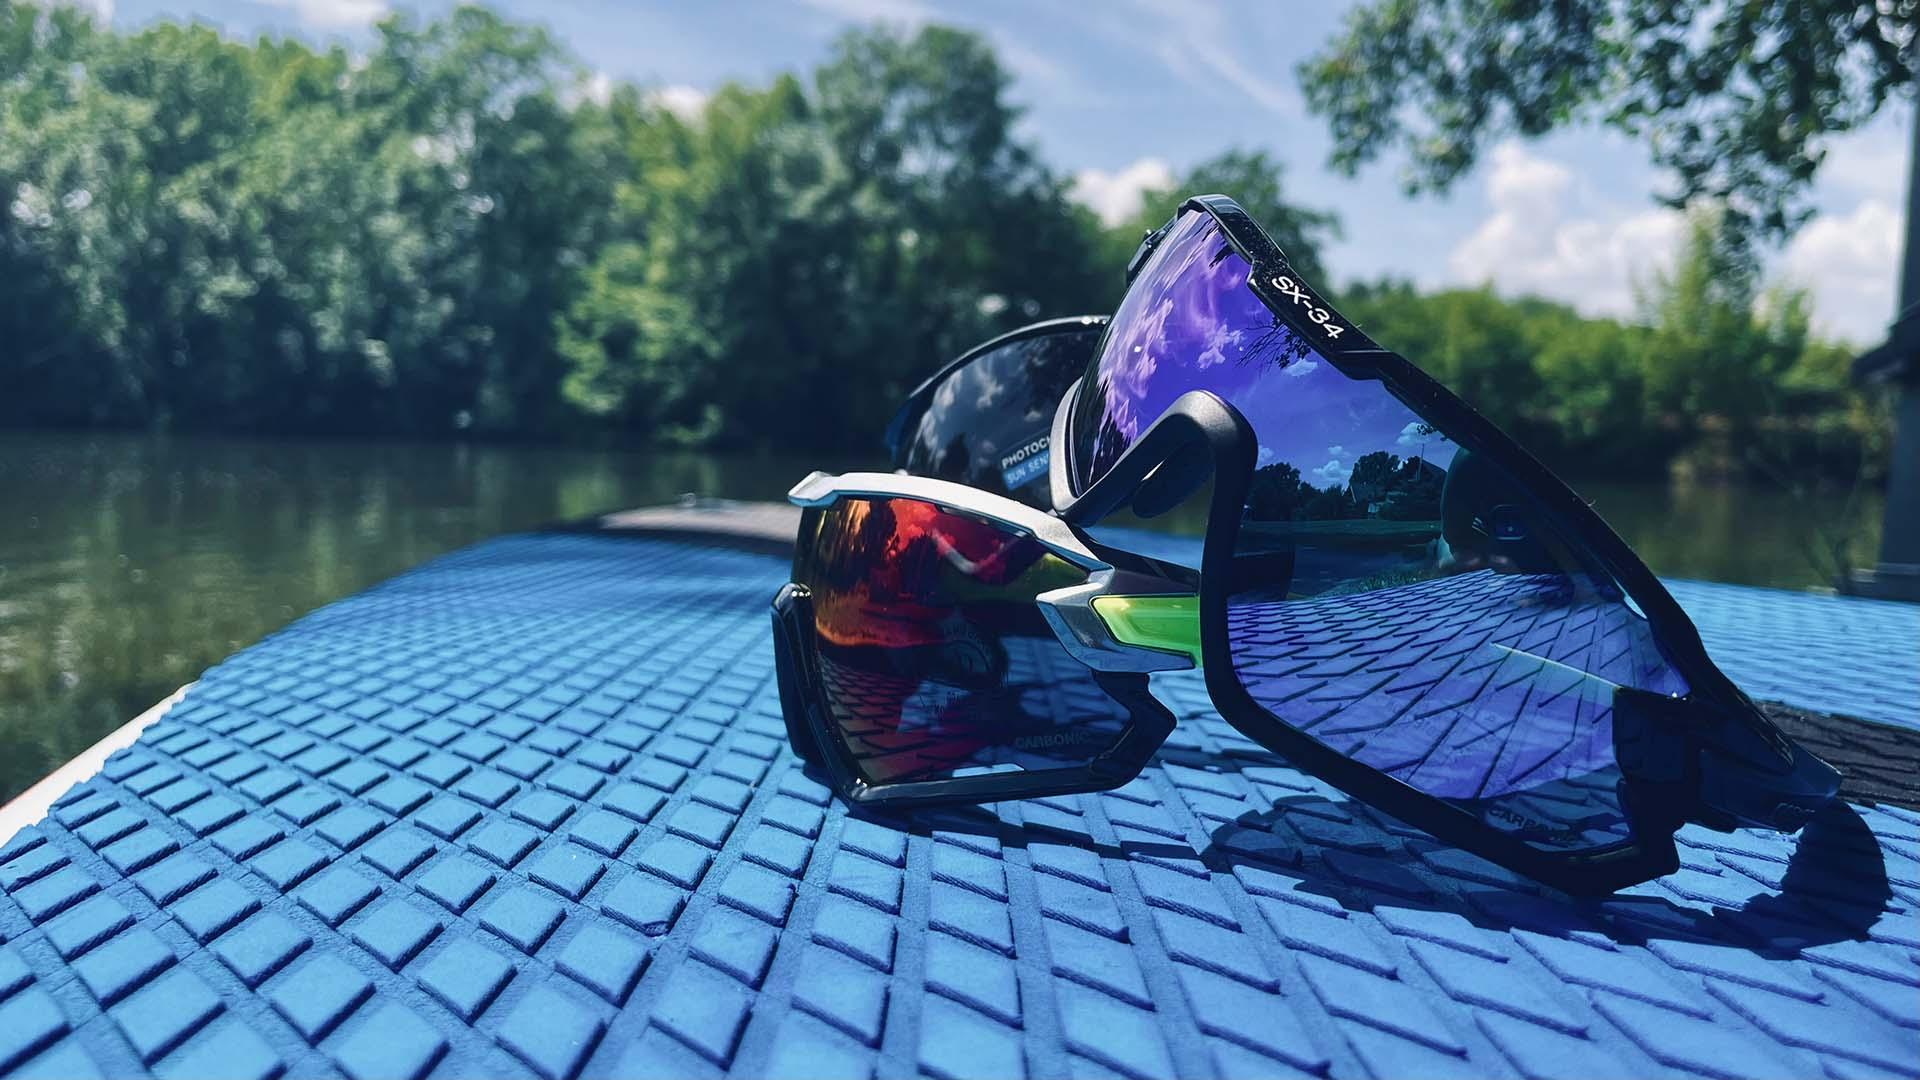 Funkcionális szemüveg sportoláshoz kifejlesztve: Casco SX-34 sportszemüveg-5